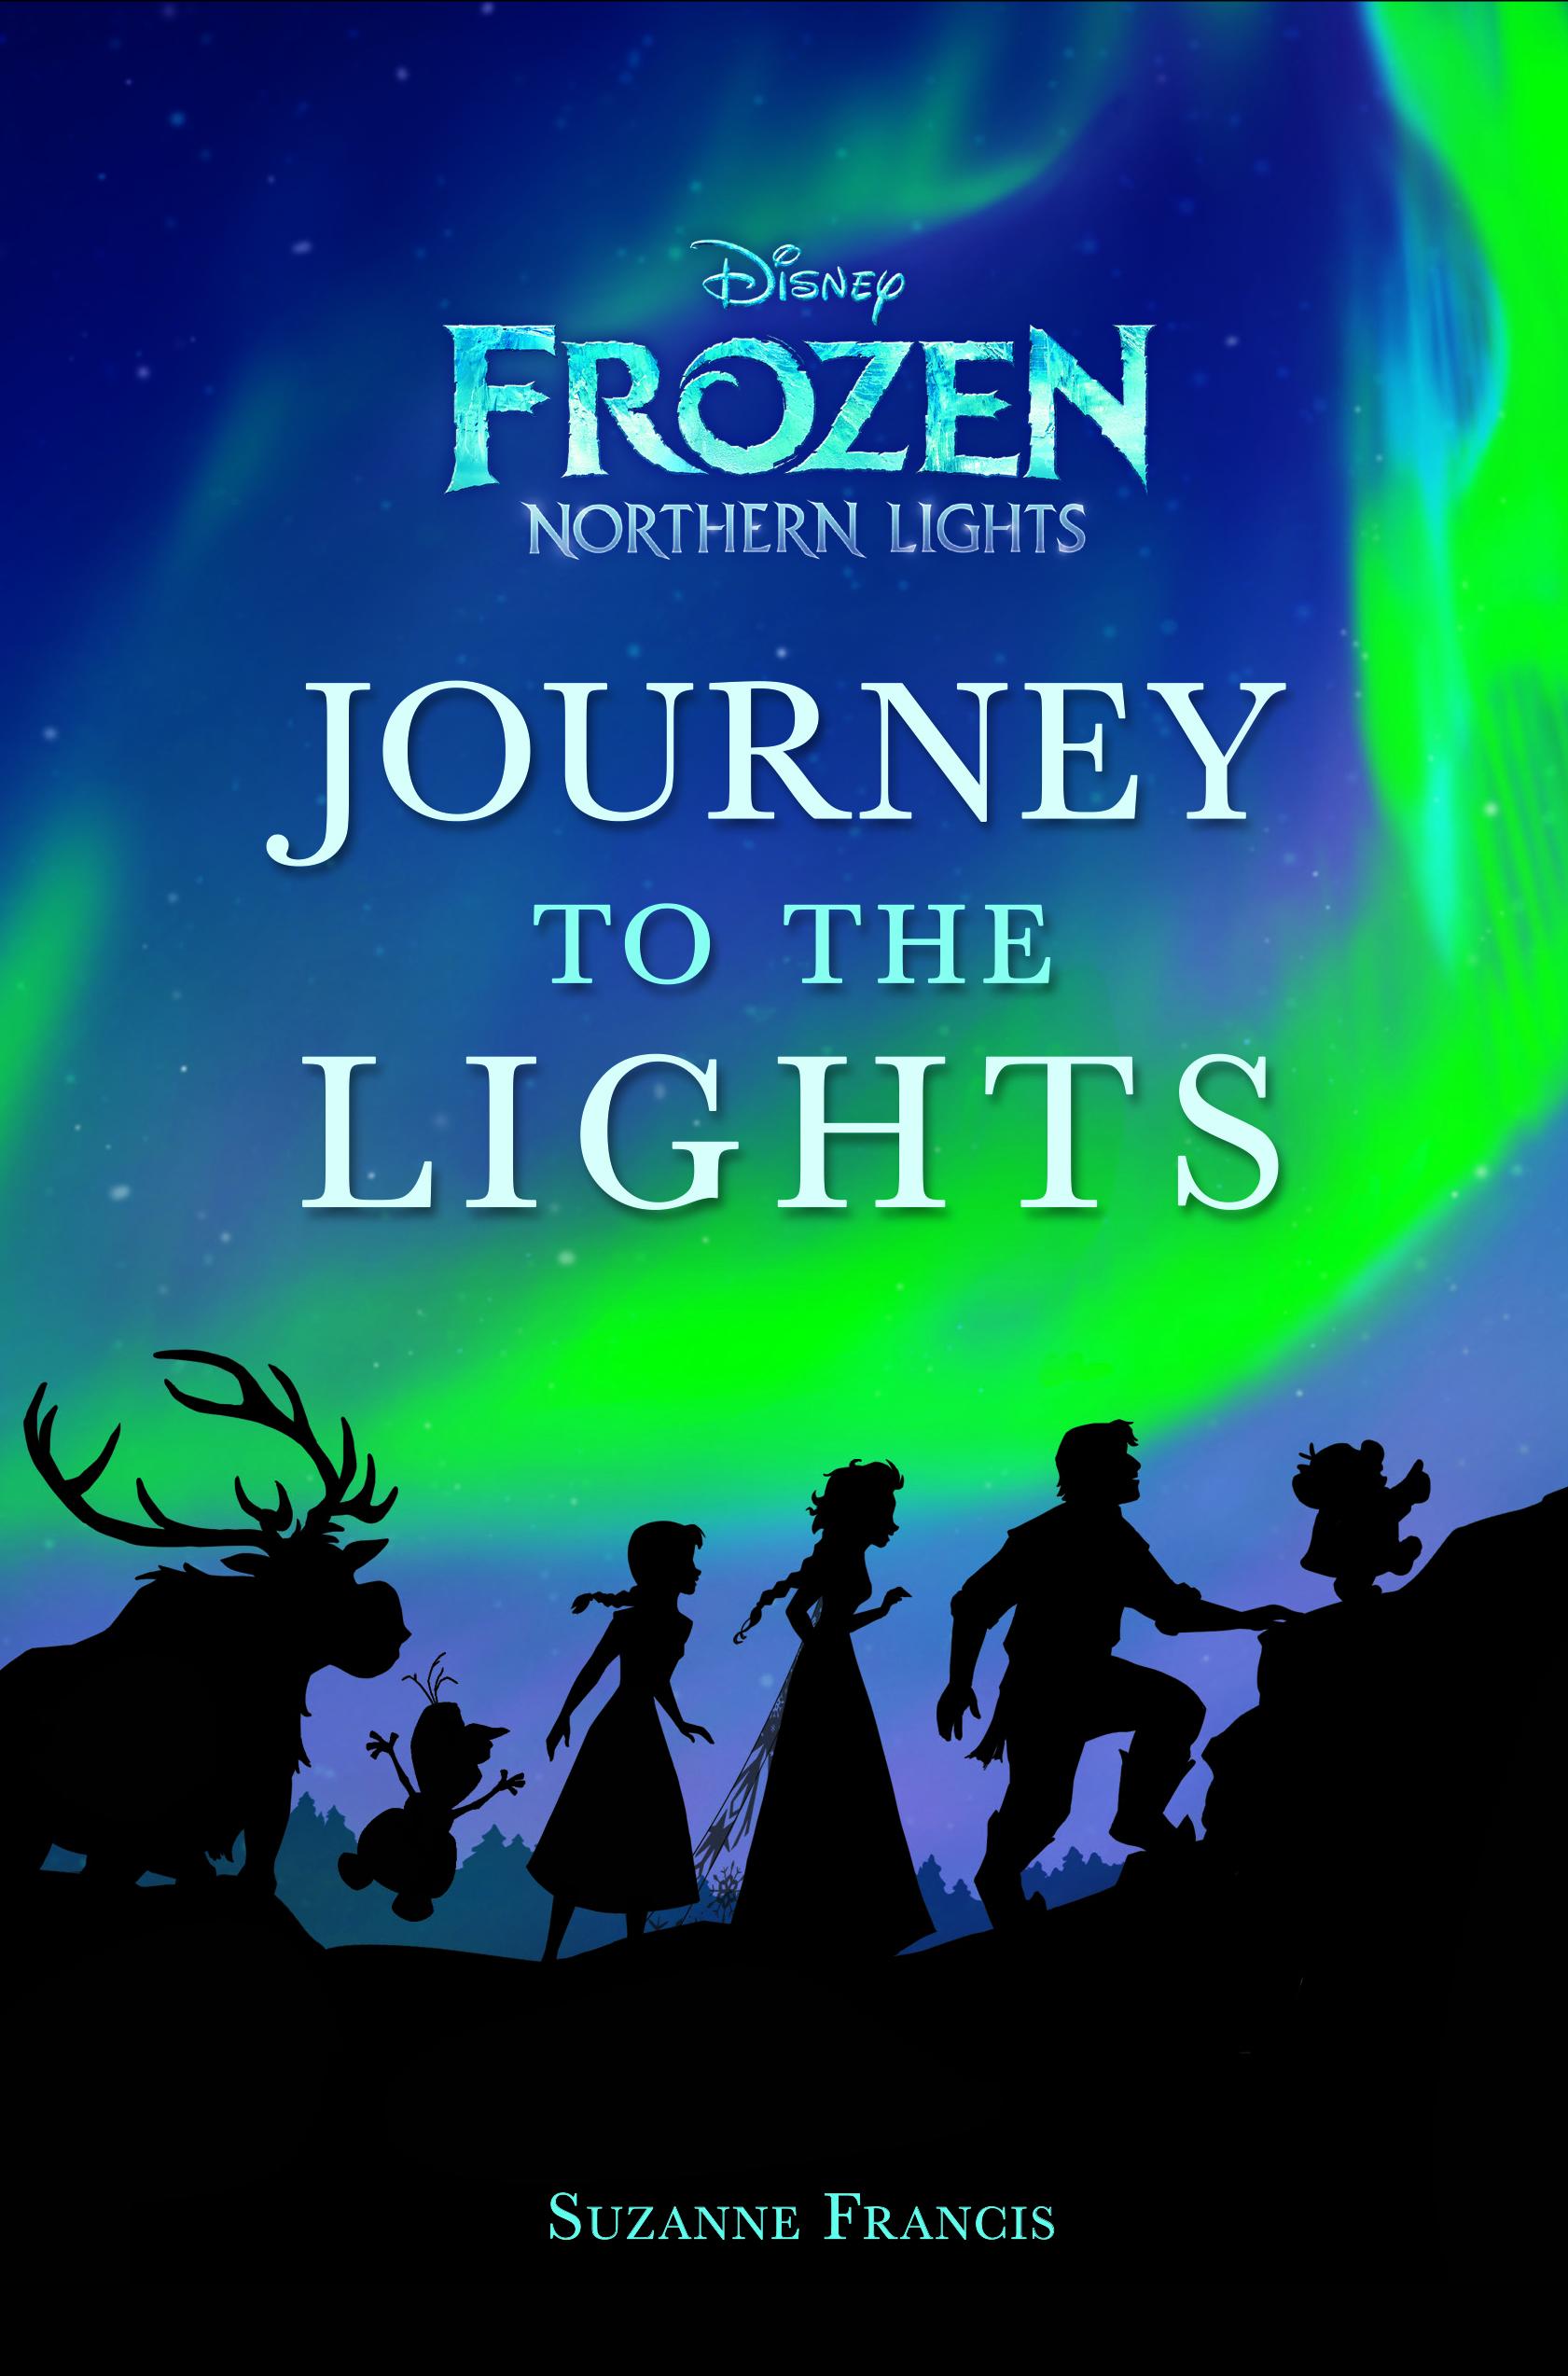 Journey To The Lights | Disney Wiki | FANDOM powered by Wikia